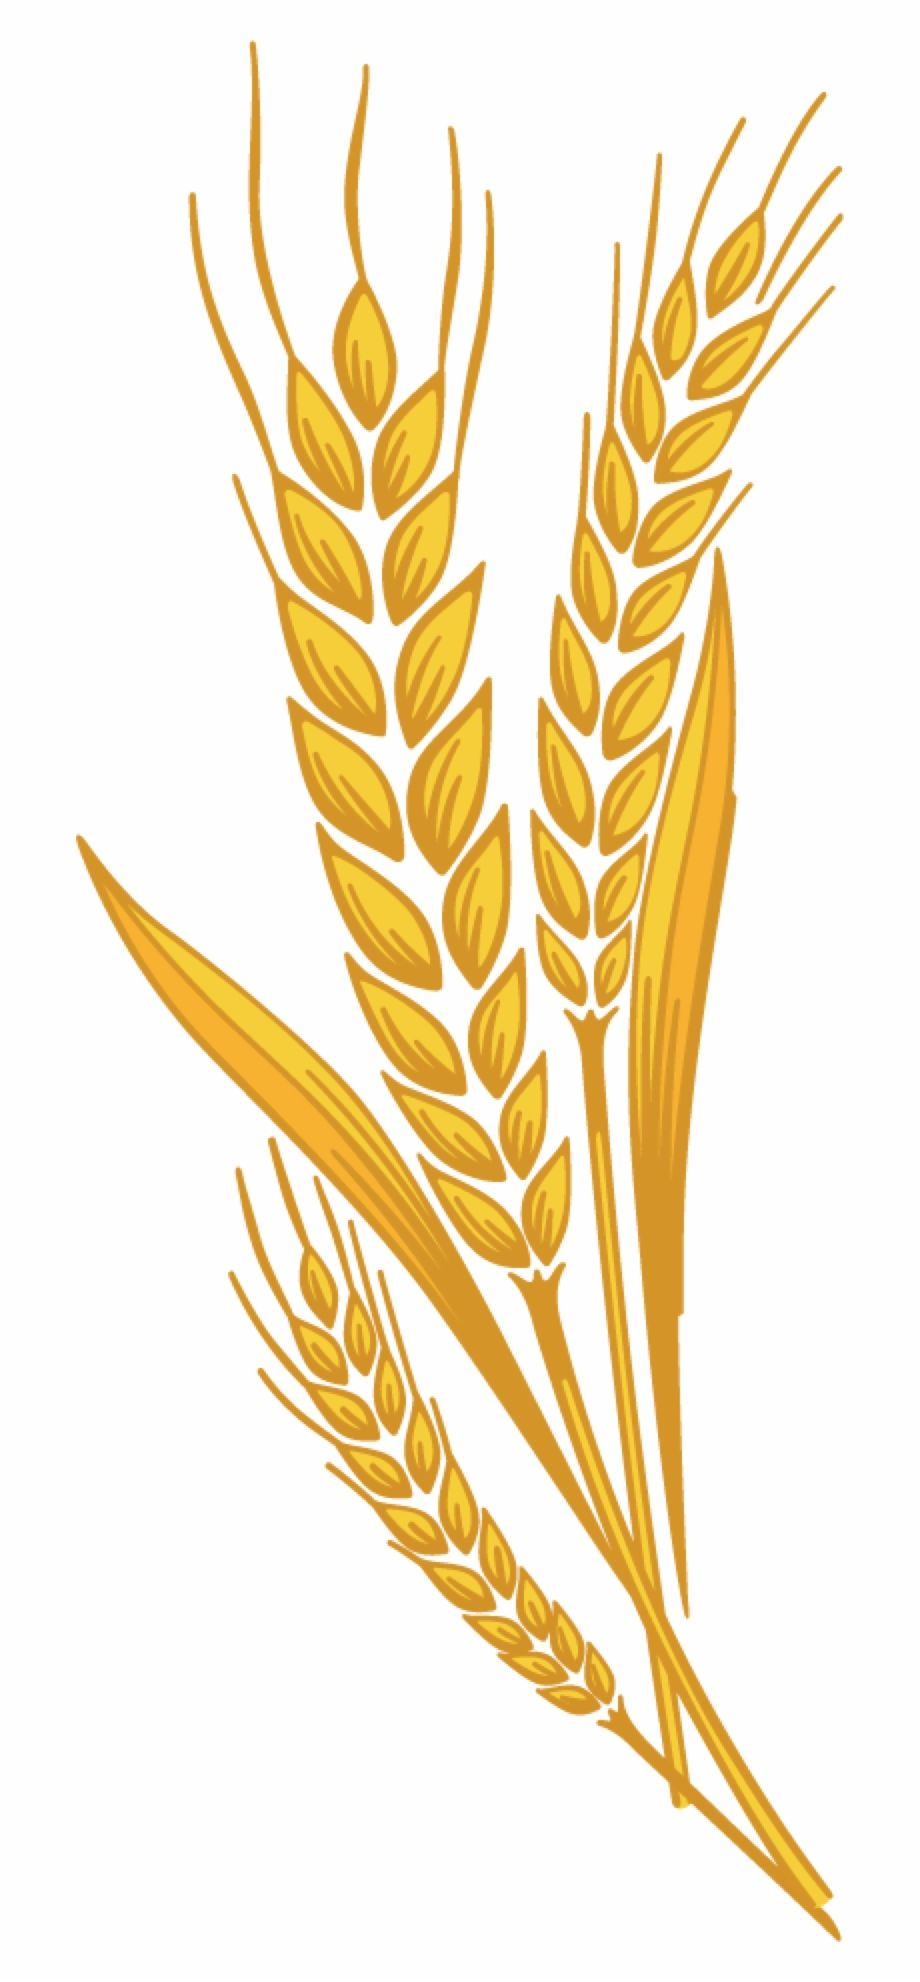 Svg Freeuse Library Barley Vector Spike Wheat Germen De Trigo Dibujo Transparent Png Image For Free Download Explo Ideias Para Desenho Trigo Germen De Trigo